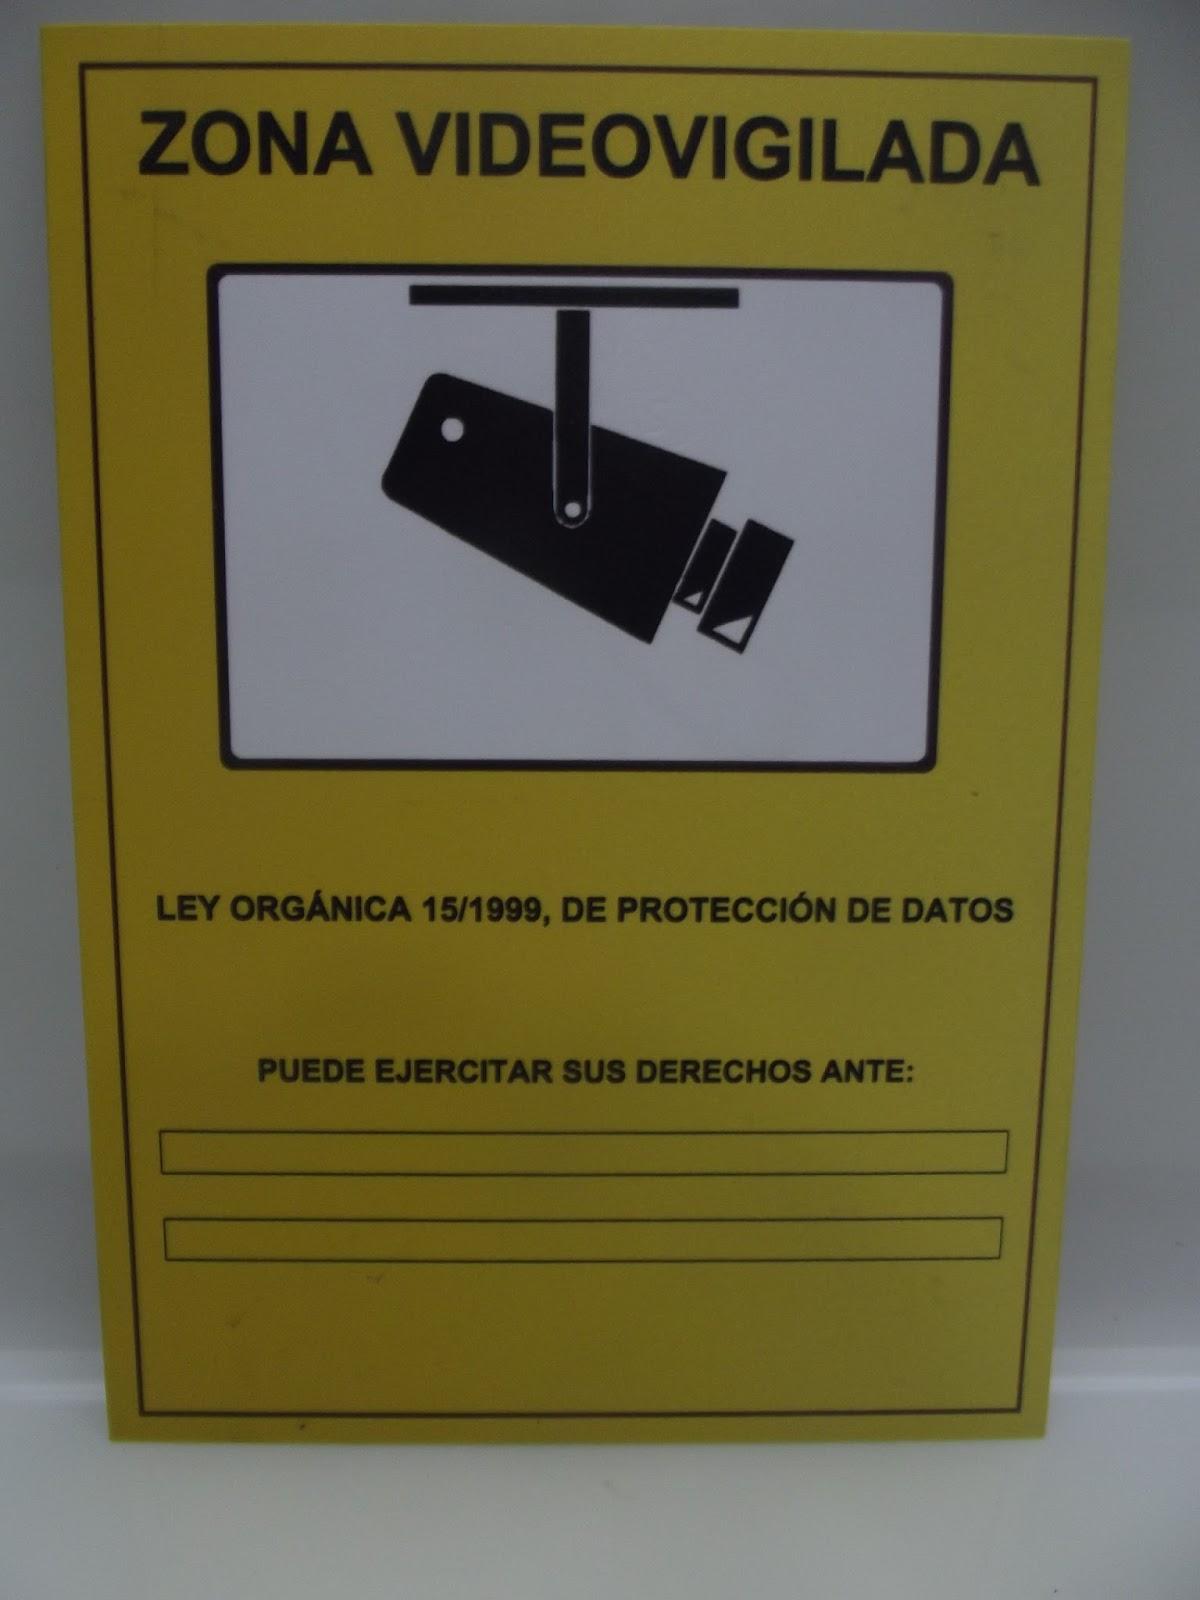 Pinea electronica seguridad vigilancia - Cartel de videovigilancia ...